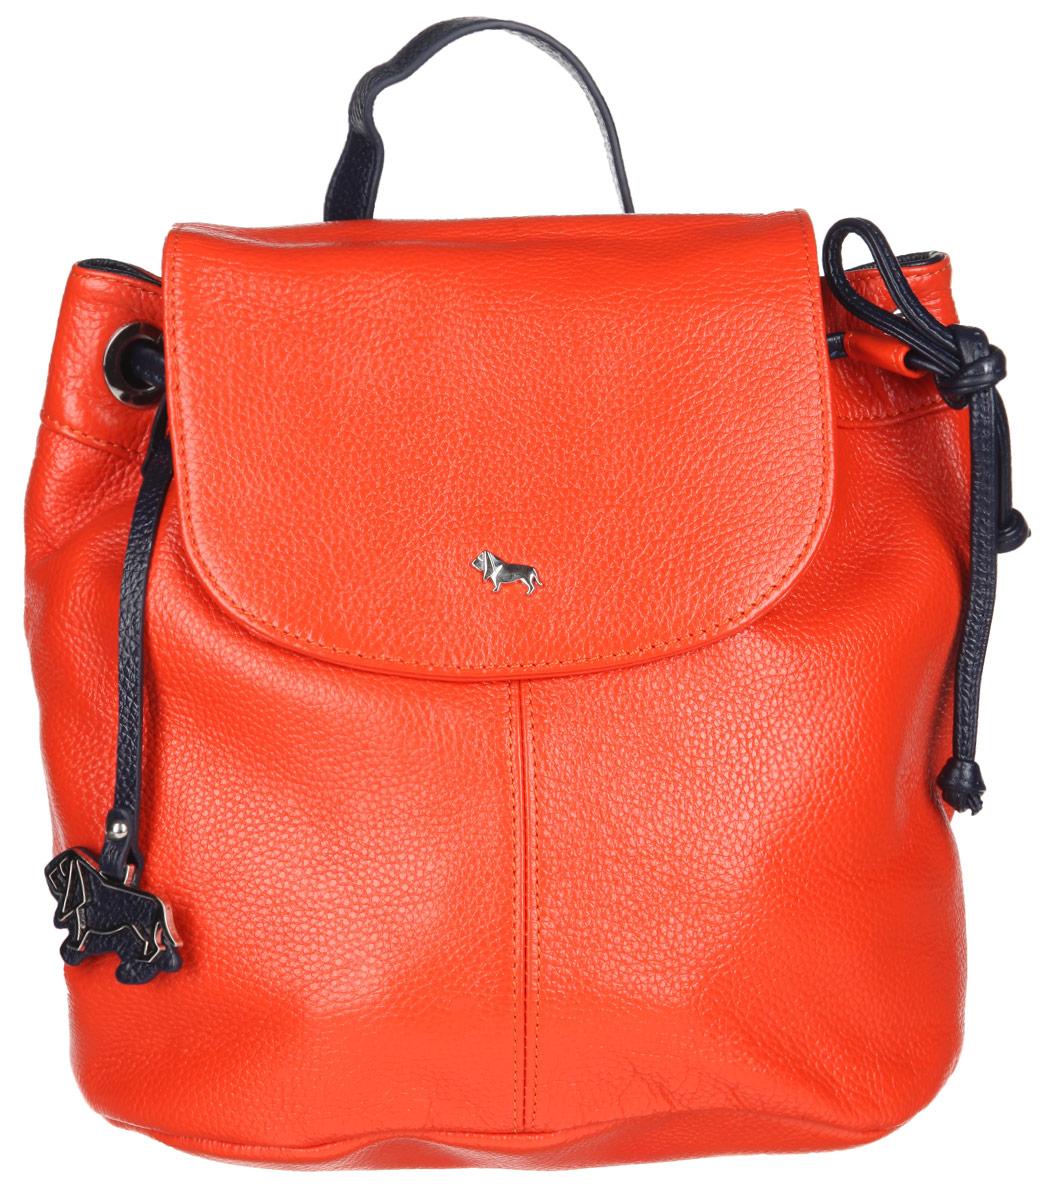 Рюкзак женский Labbra, цвет: оранжевый, темно-синий. L-9916-1L-9916-1Стильный женский рюкзак Labbra выполнен из натуральной кожи с фактурным тиснением. Изделие имеет одно отделение, закрывающееся на клапан с магнитом и дополнительно на затягивающийся шнурок. Внутри находится прорезной карман на застежке-молнии и два открытых накладных кармана. Снаружи, на задней стенке расположен прорезной карман на застежке- молнии. Рюкзак оснащен съемной лямкой, регулируемой по длине, которая позволяет носить изделие на плечах, или в руках, как сумку. Изделие украшено фирменным брелоком. В комплект входит фирменный чехол для хранения. Стильный рюкзак Labbra прекрасно дополнит ваш образ.